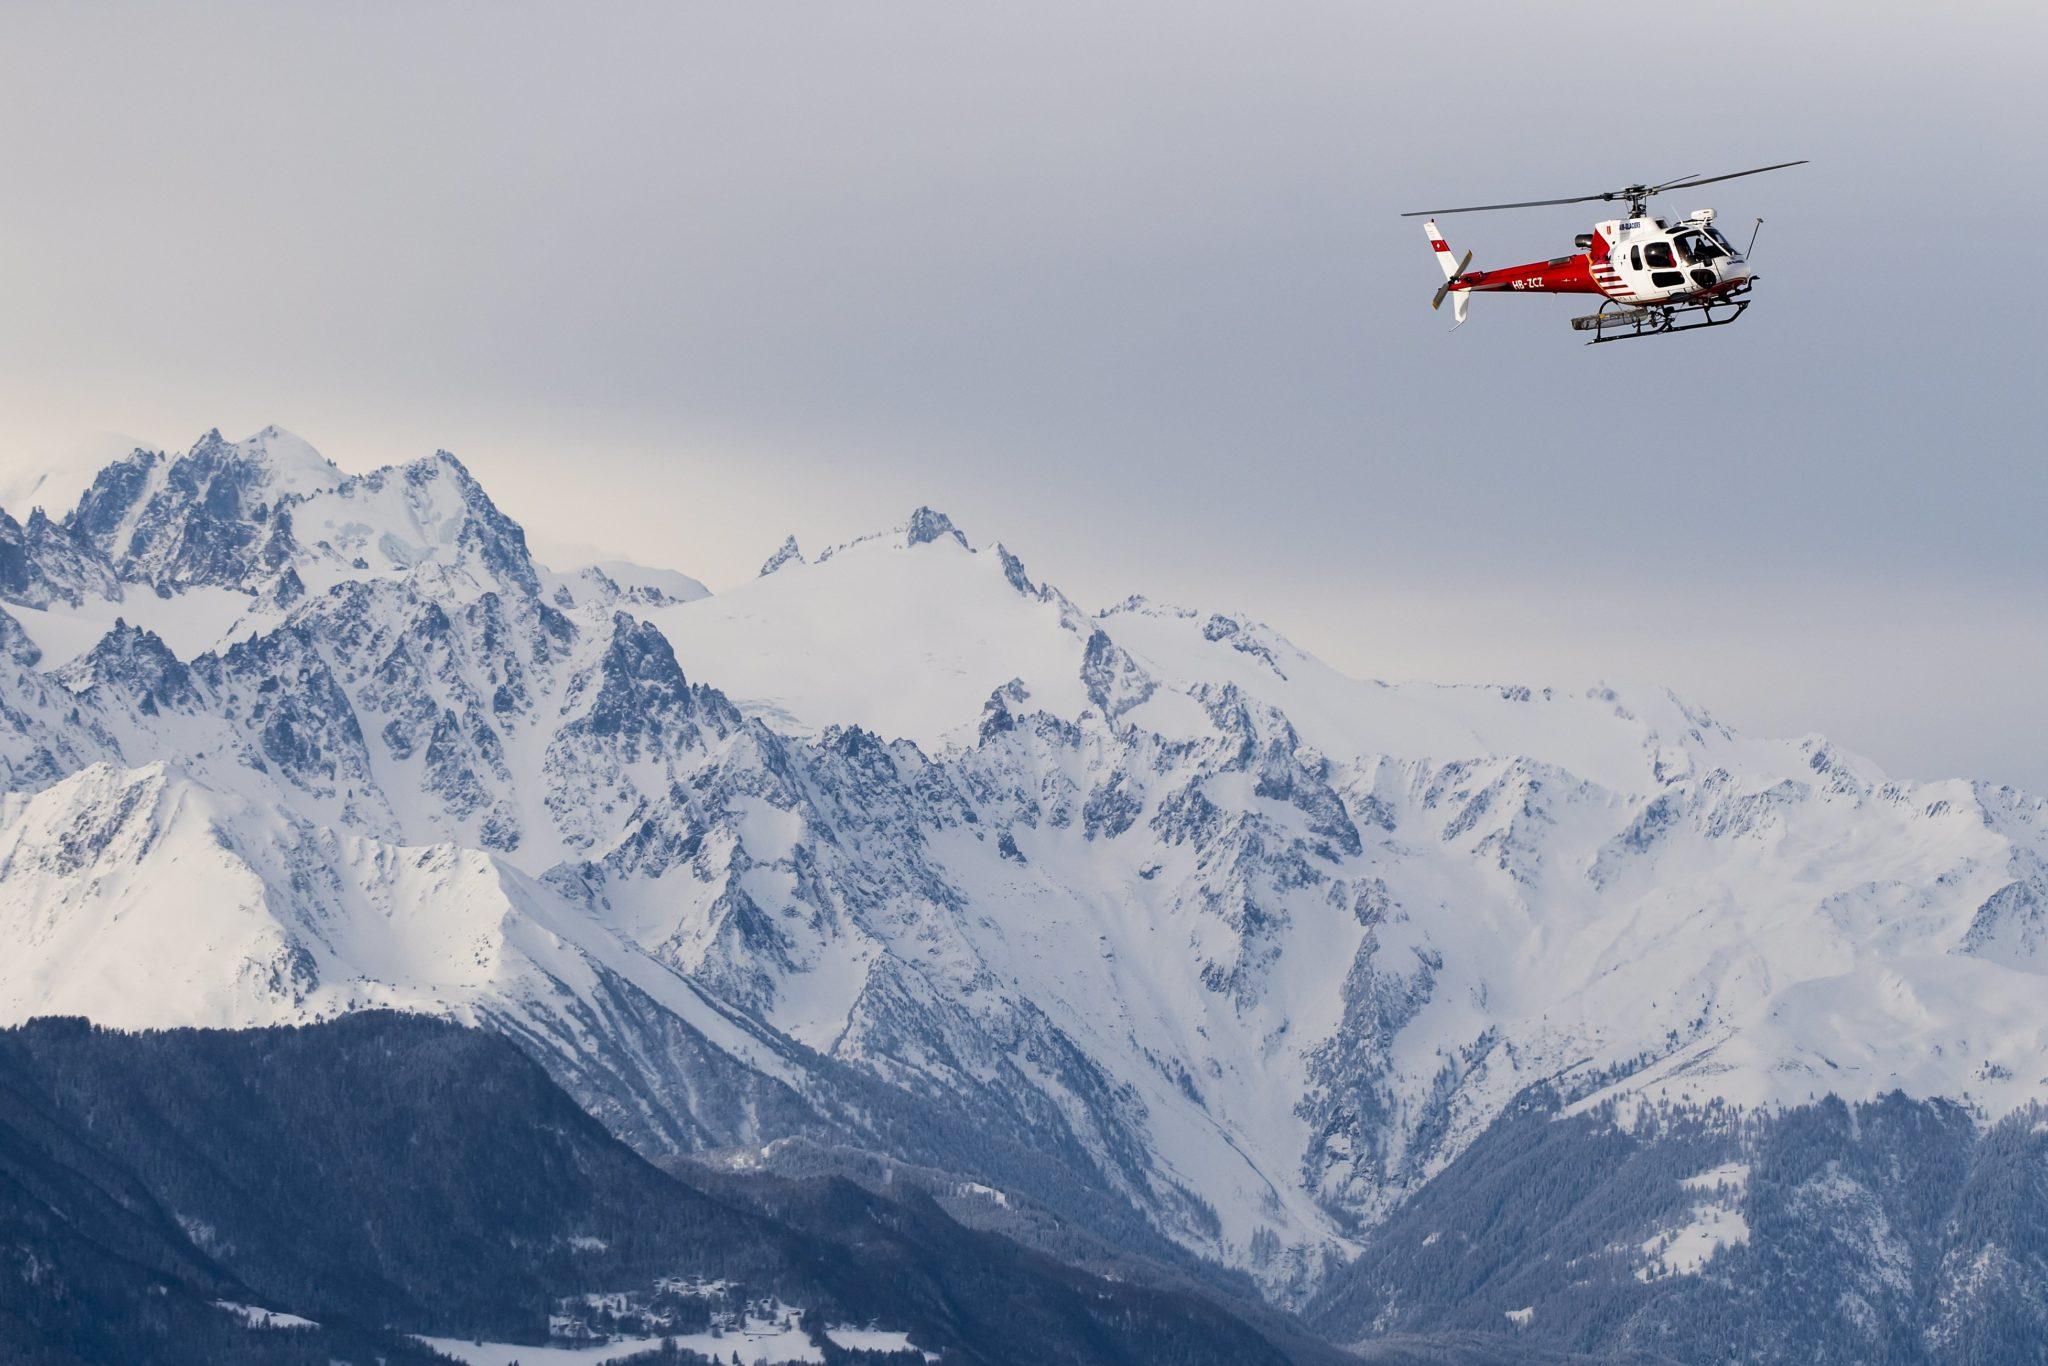 Szwajcaria: akcja ratunkowa w szwajcarskich Alapach (foto. PAP/EPA/JEAN-CHRISTOPHE BOTT)